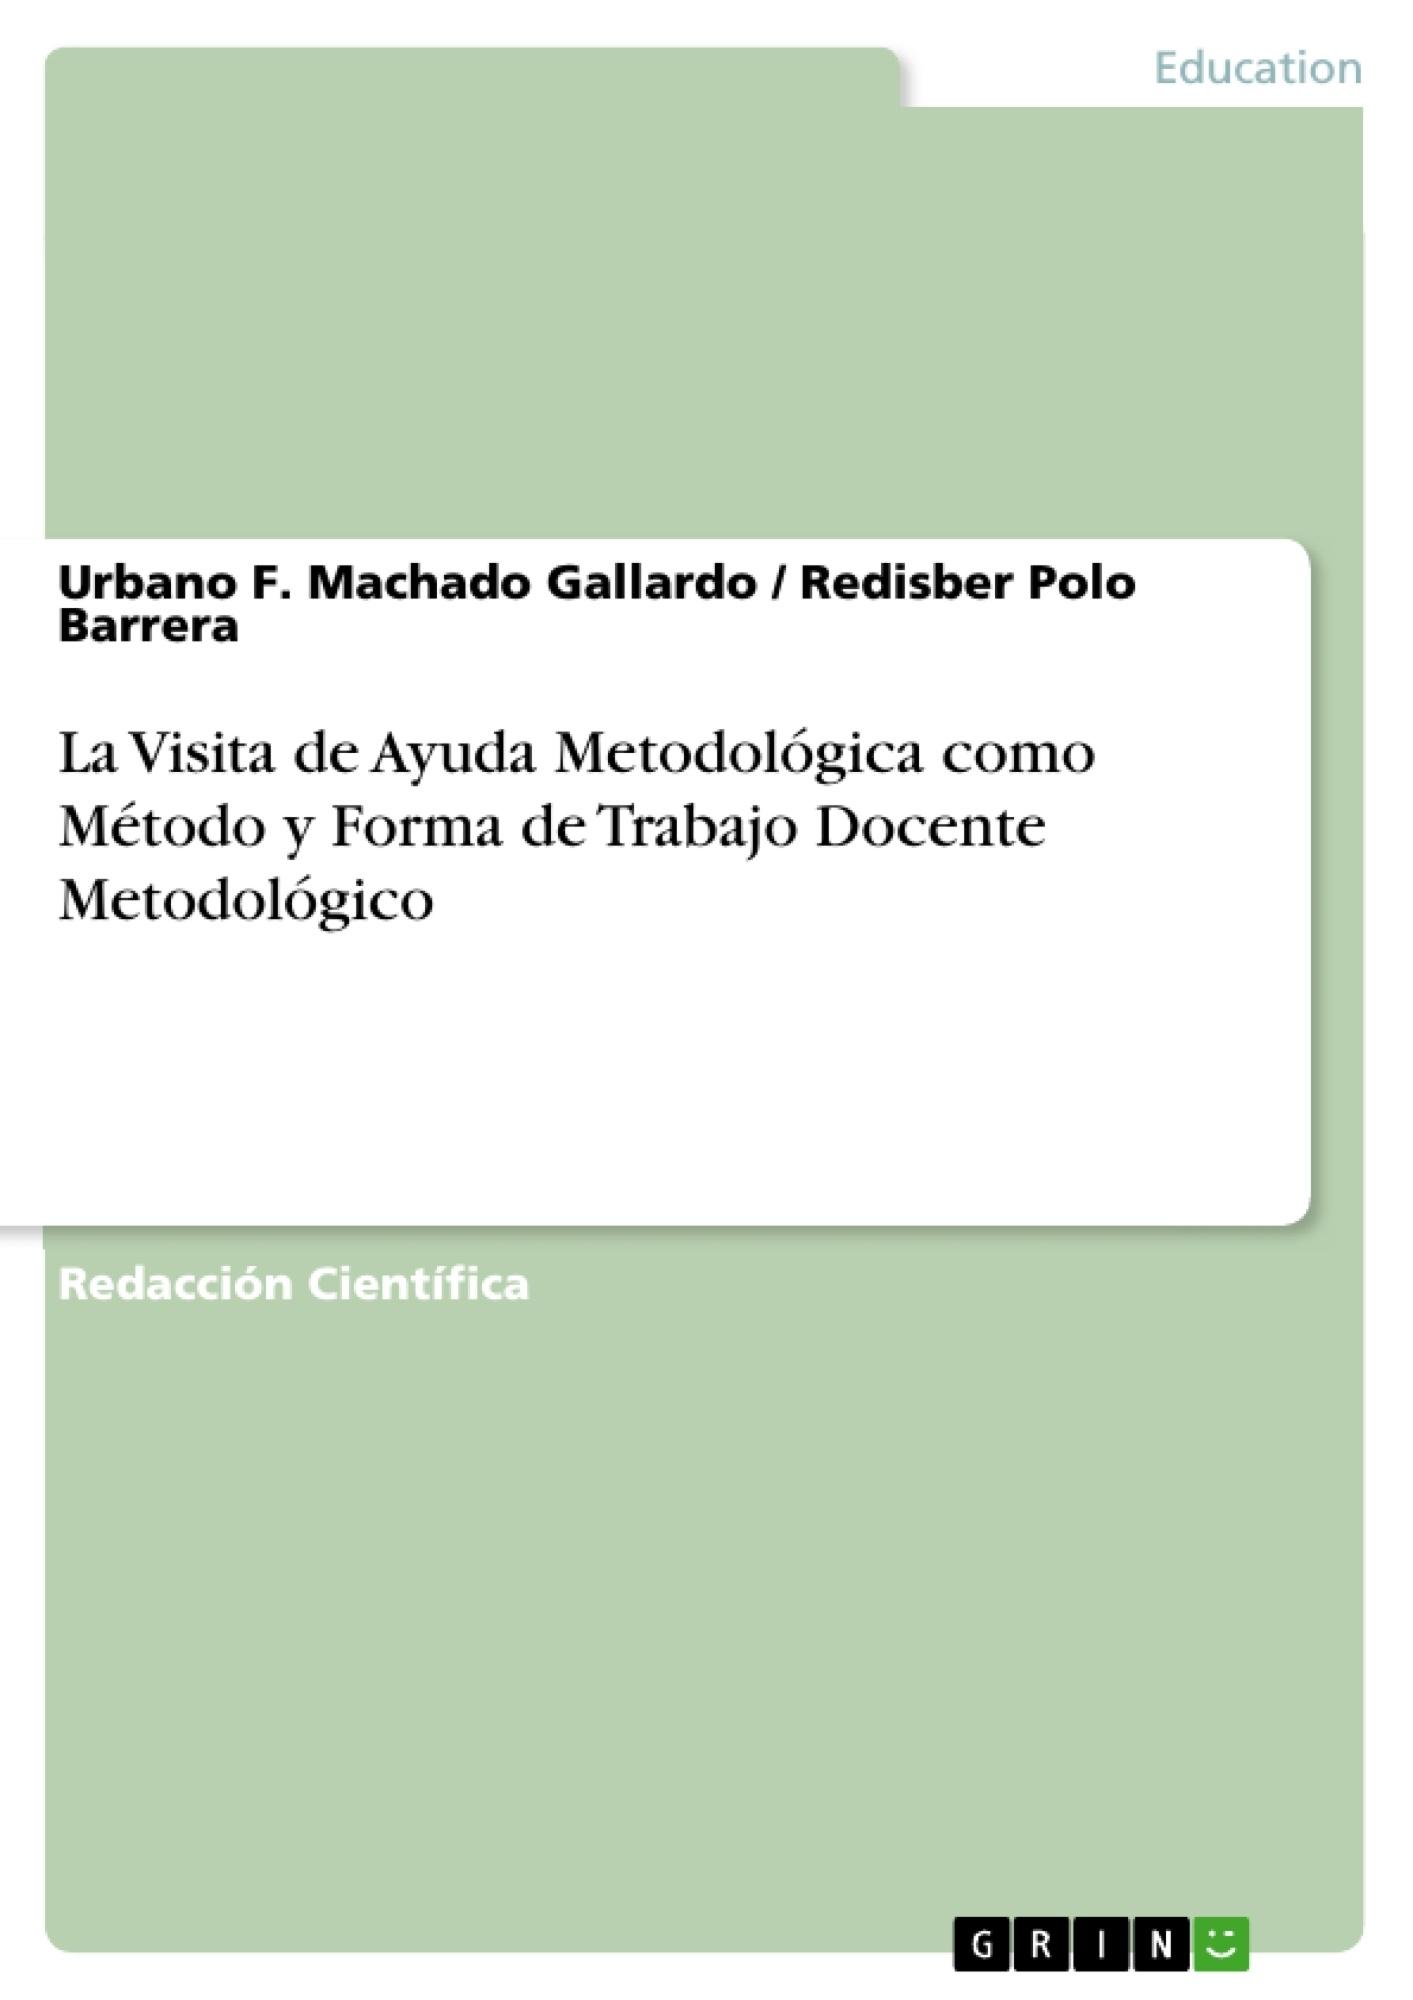 Título: La Visita de Ayuda Metodológica como Método y Forma de Trabajo Docente Metodológico